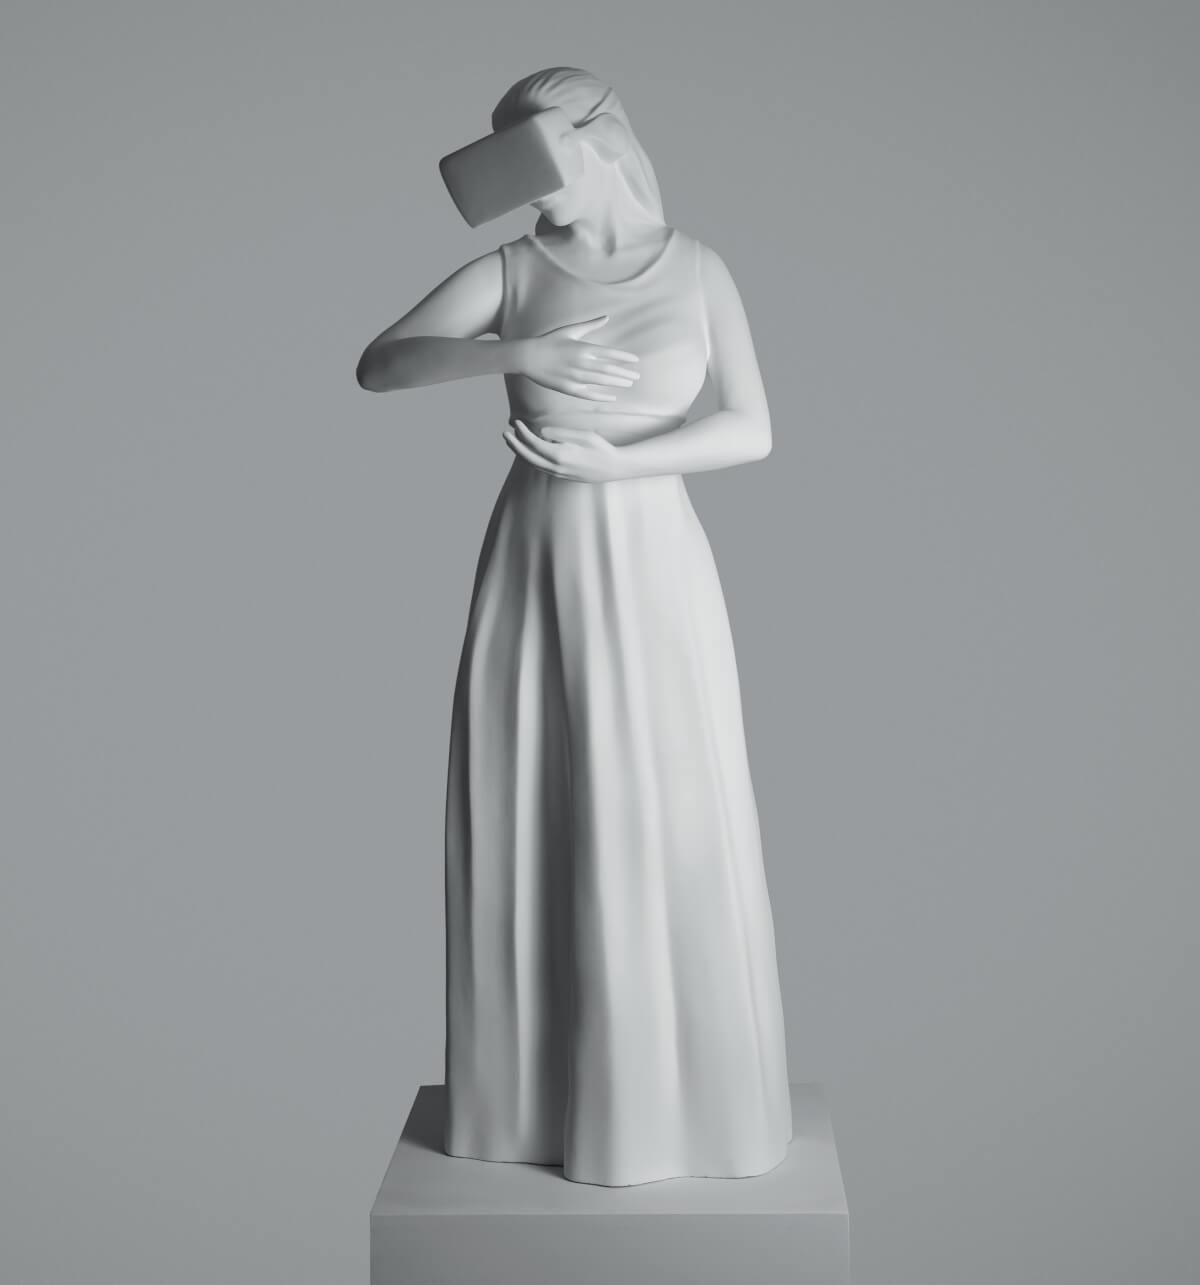 sculpture woman